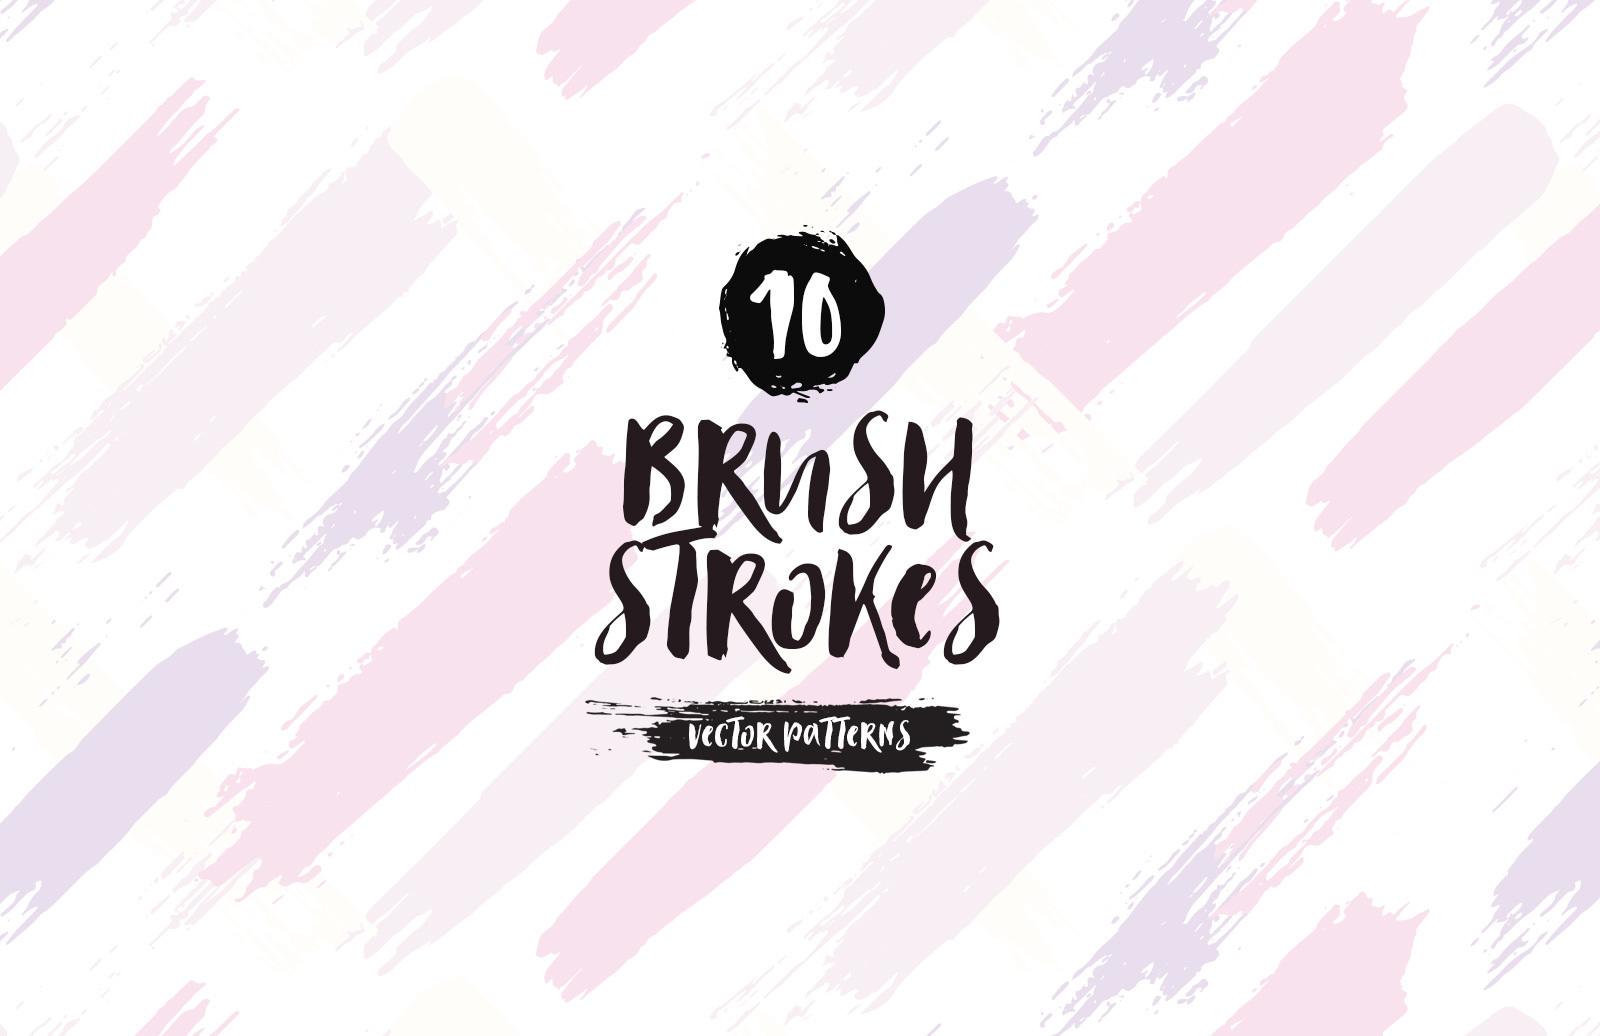 Brush Strokes Vector Patterns